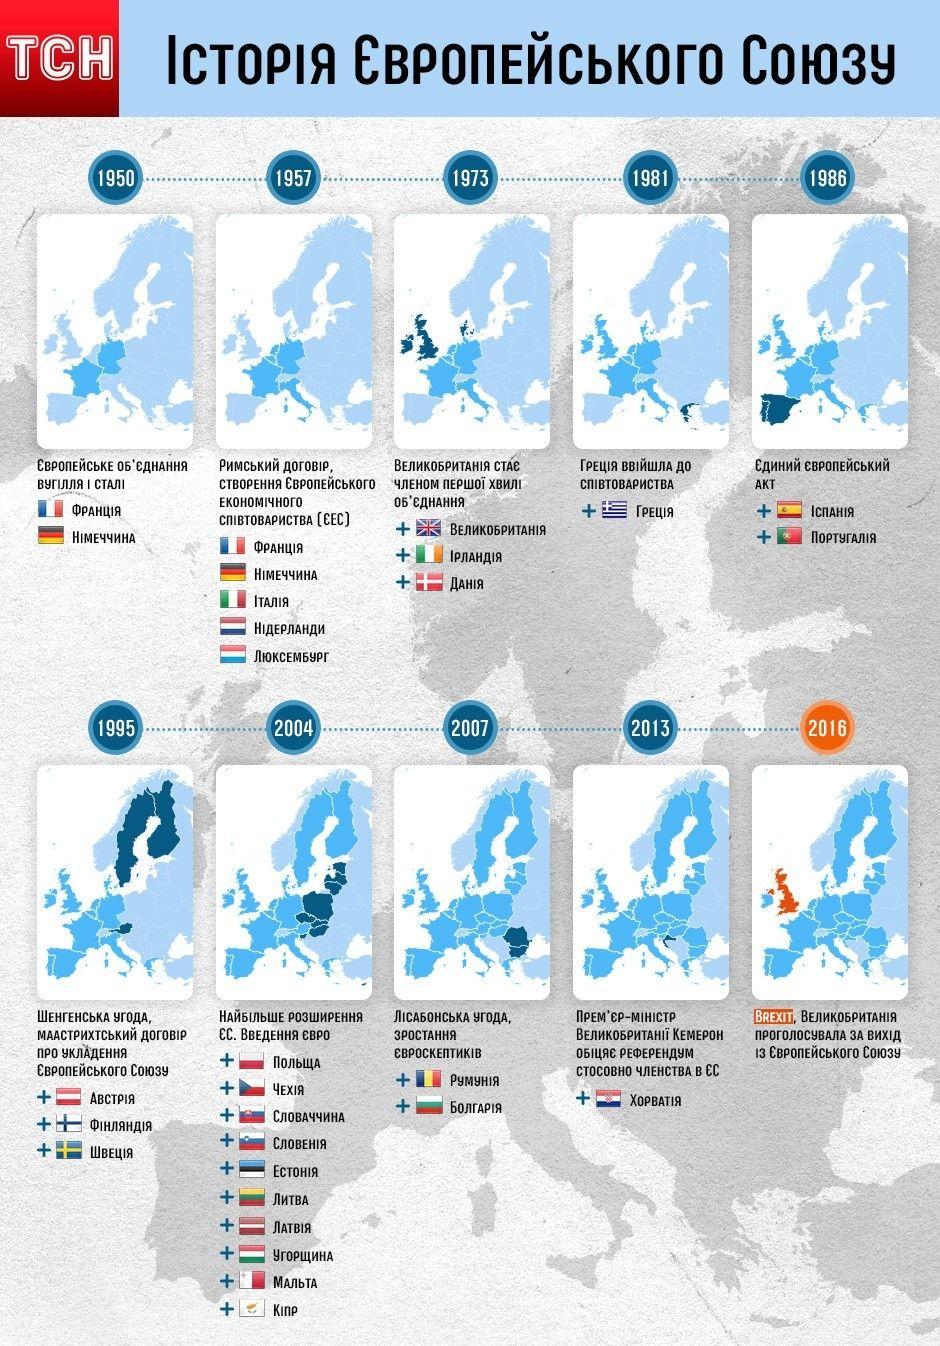 Інфографіка: Історія Європейського союзу